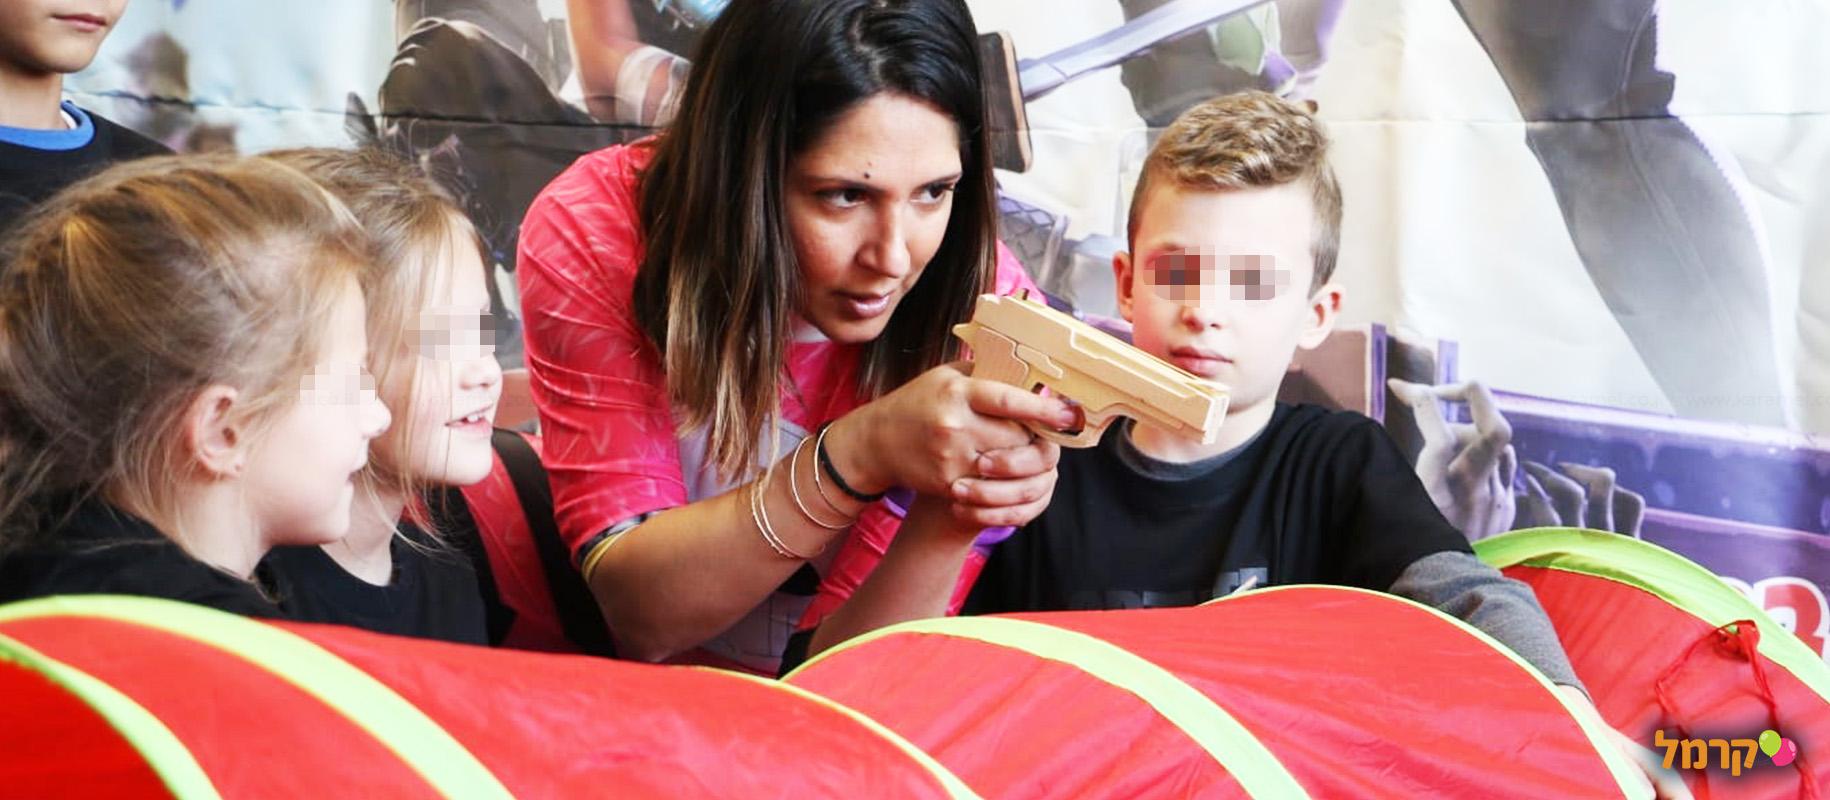 הפעלת פורטנייט לילדים - באיזור הצפון - 073-7026549